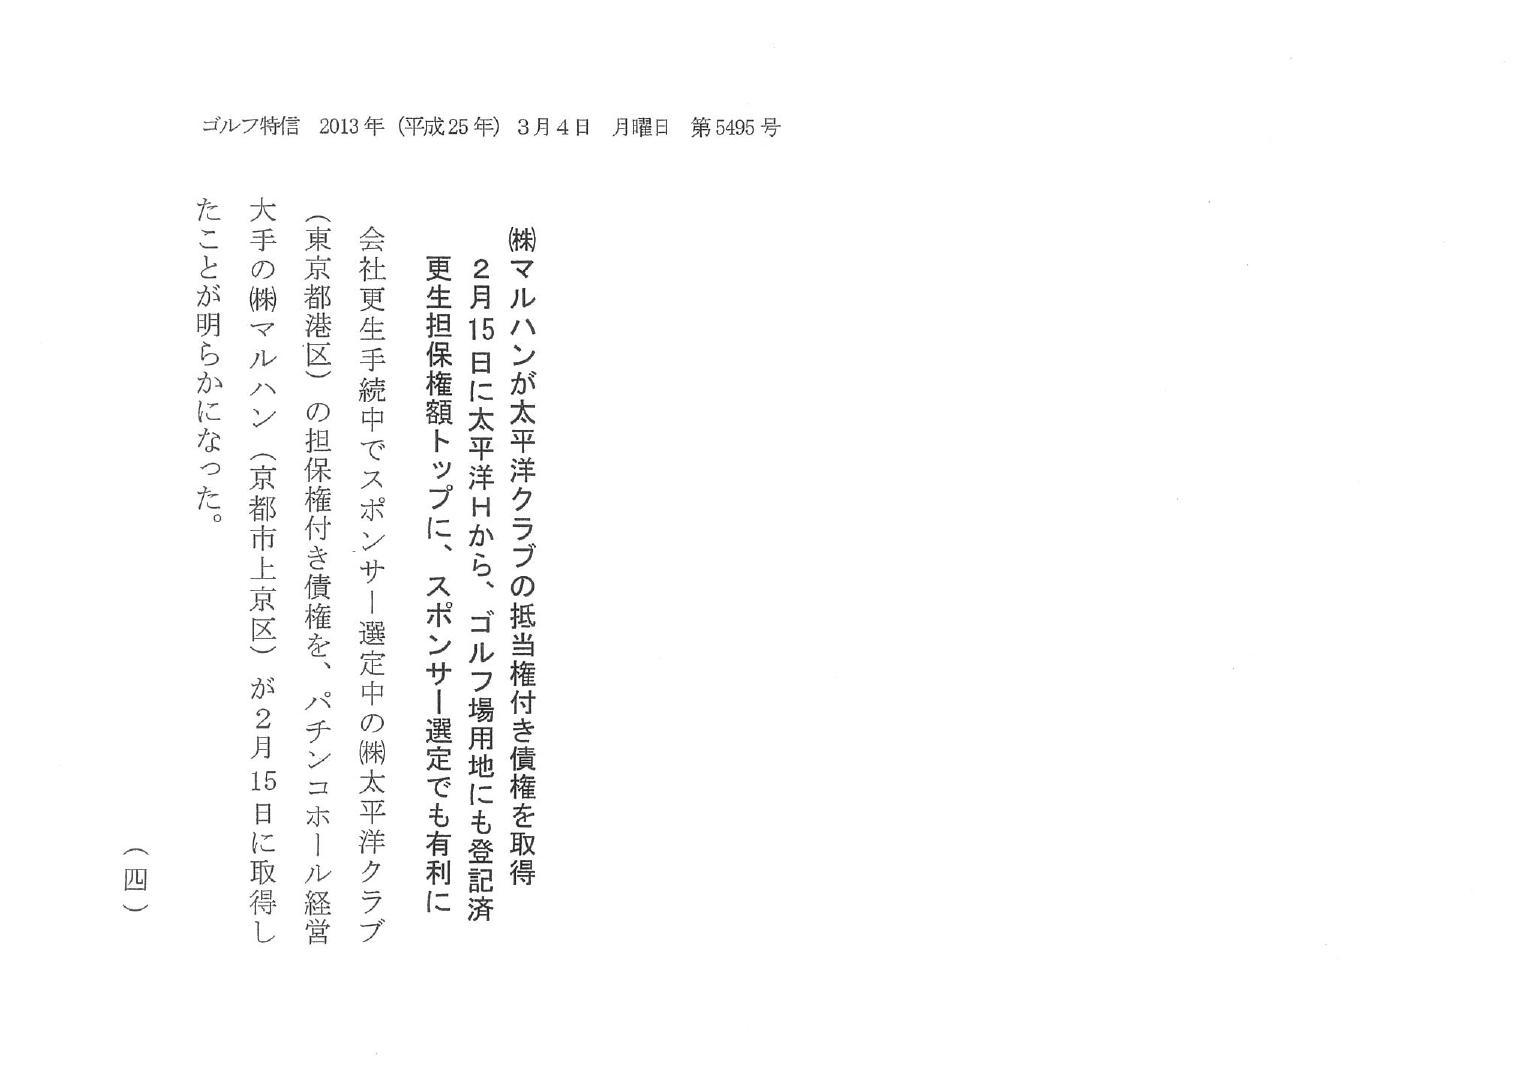 GTokushin_130304-1.jpg